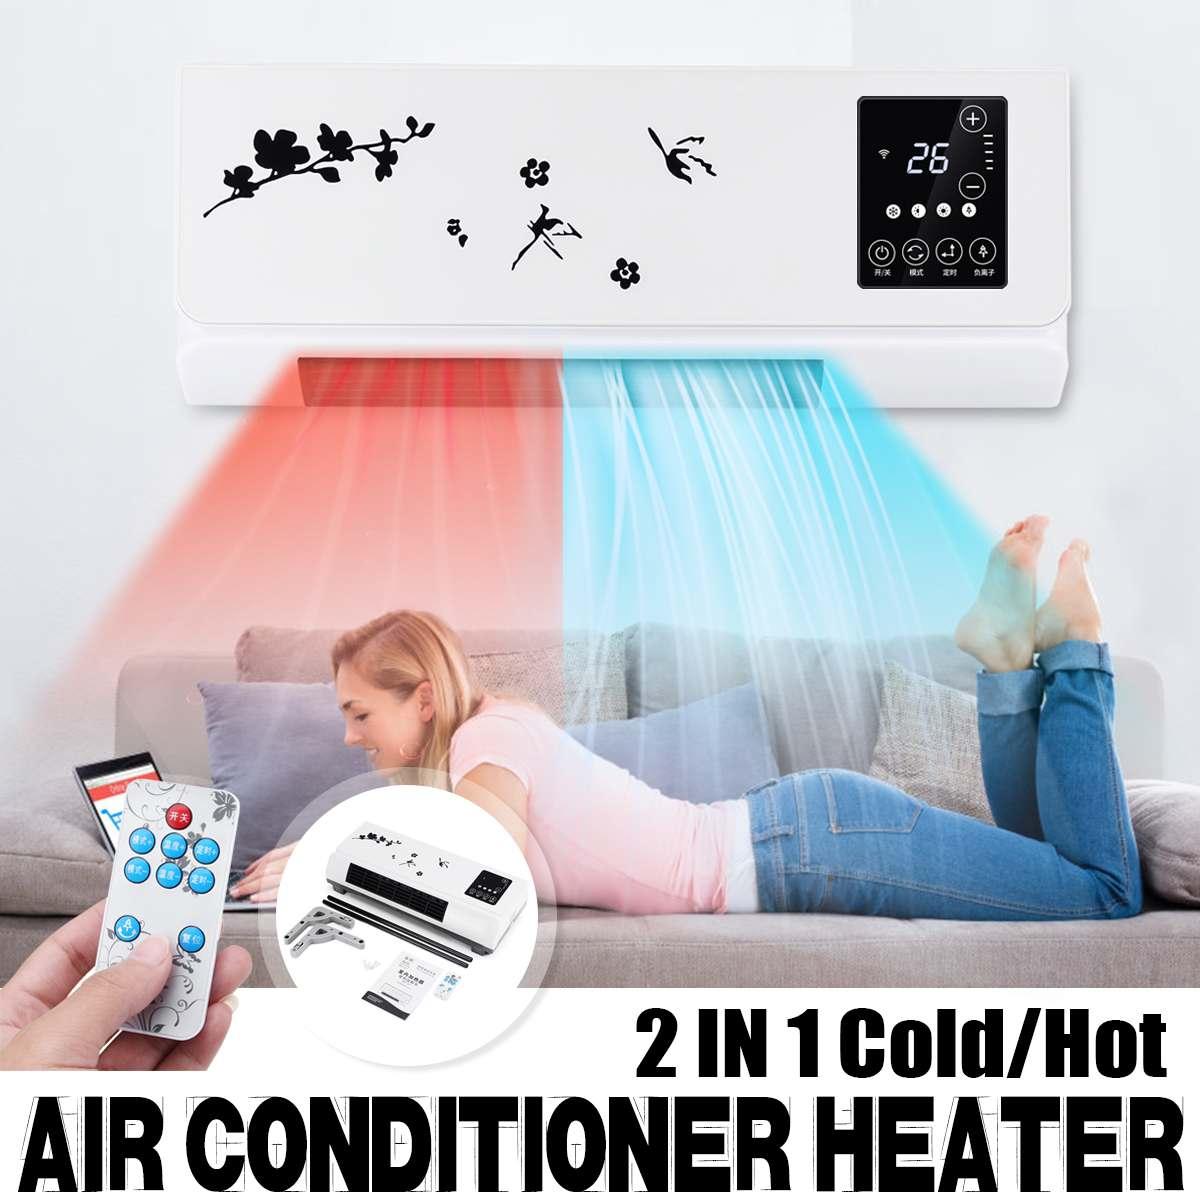 220 V 2000 W mural télécommande chauffage maison économie d'énergie chauffage ventilateur salle de bains climatisation Air chaud chauffage